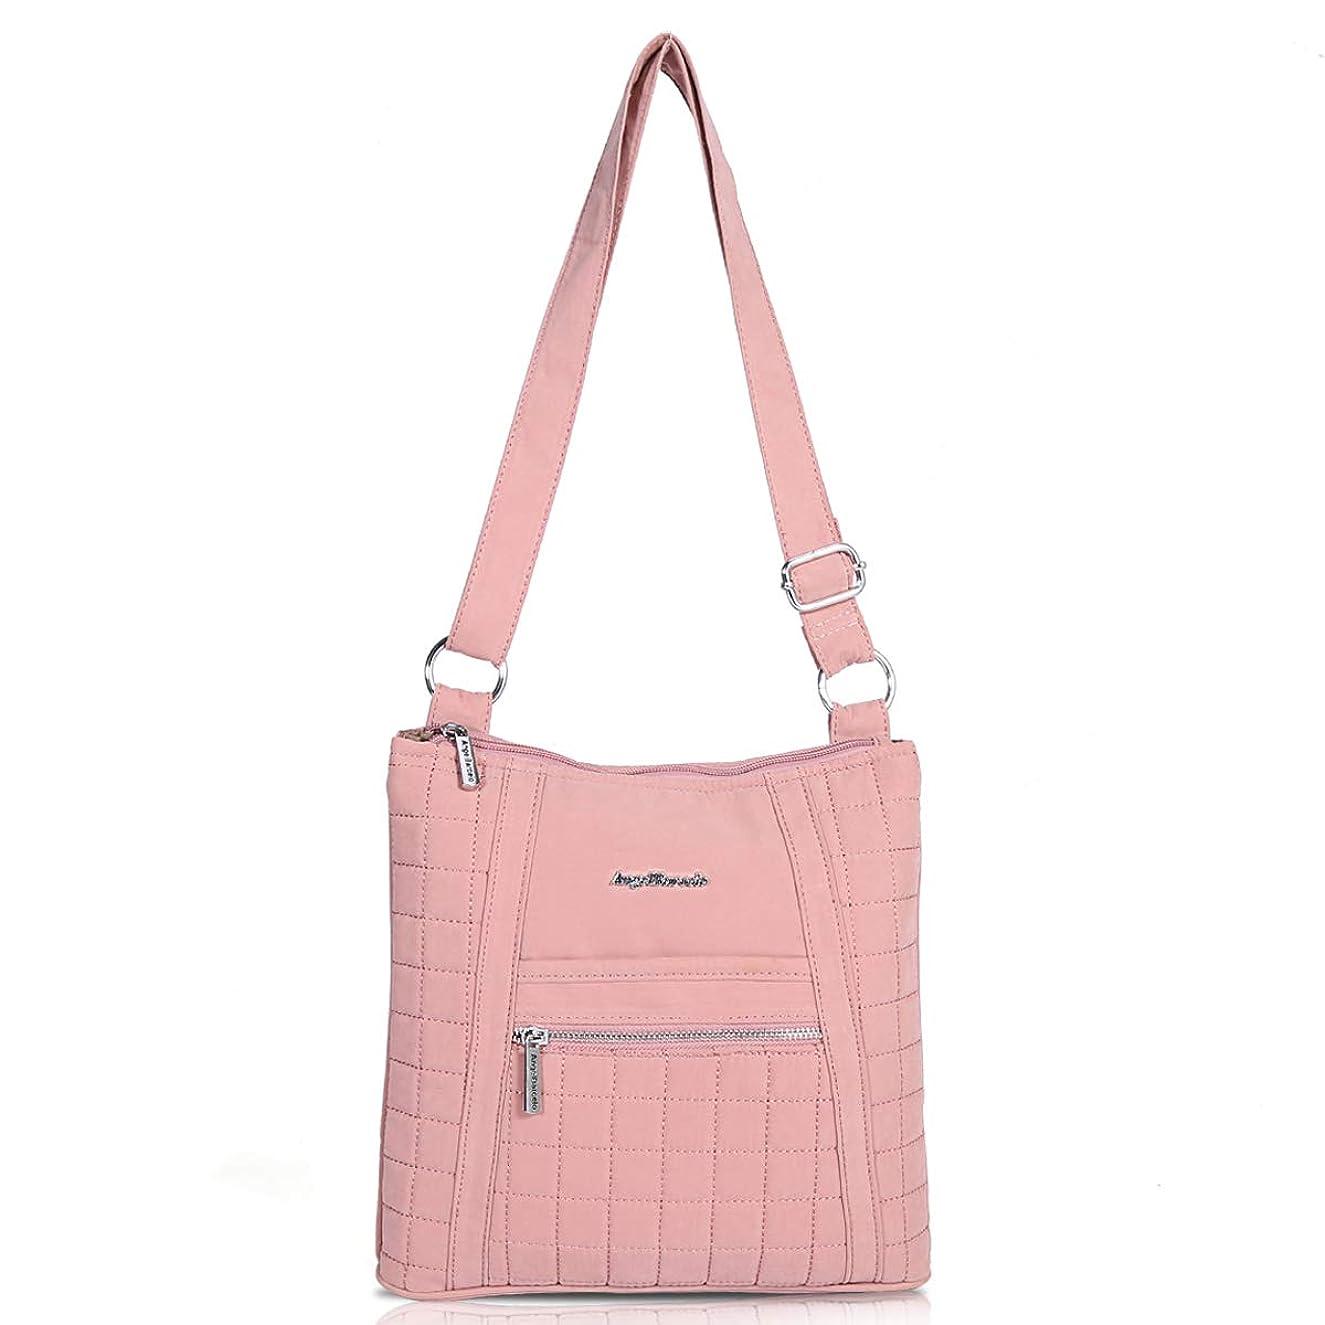 Angel Barcelo Womens Retro Sling Shoulder Bag Soft Cotton Cross Body Tote Handbag